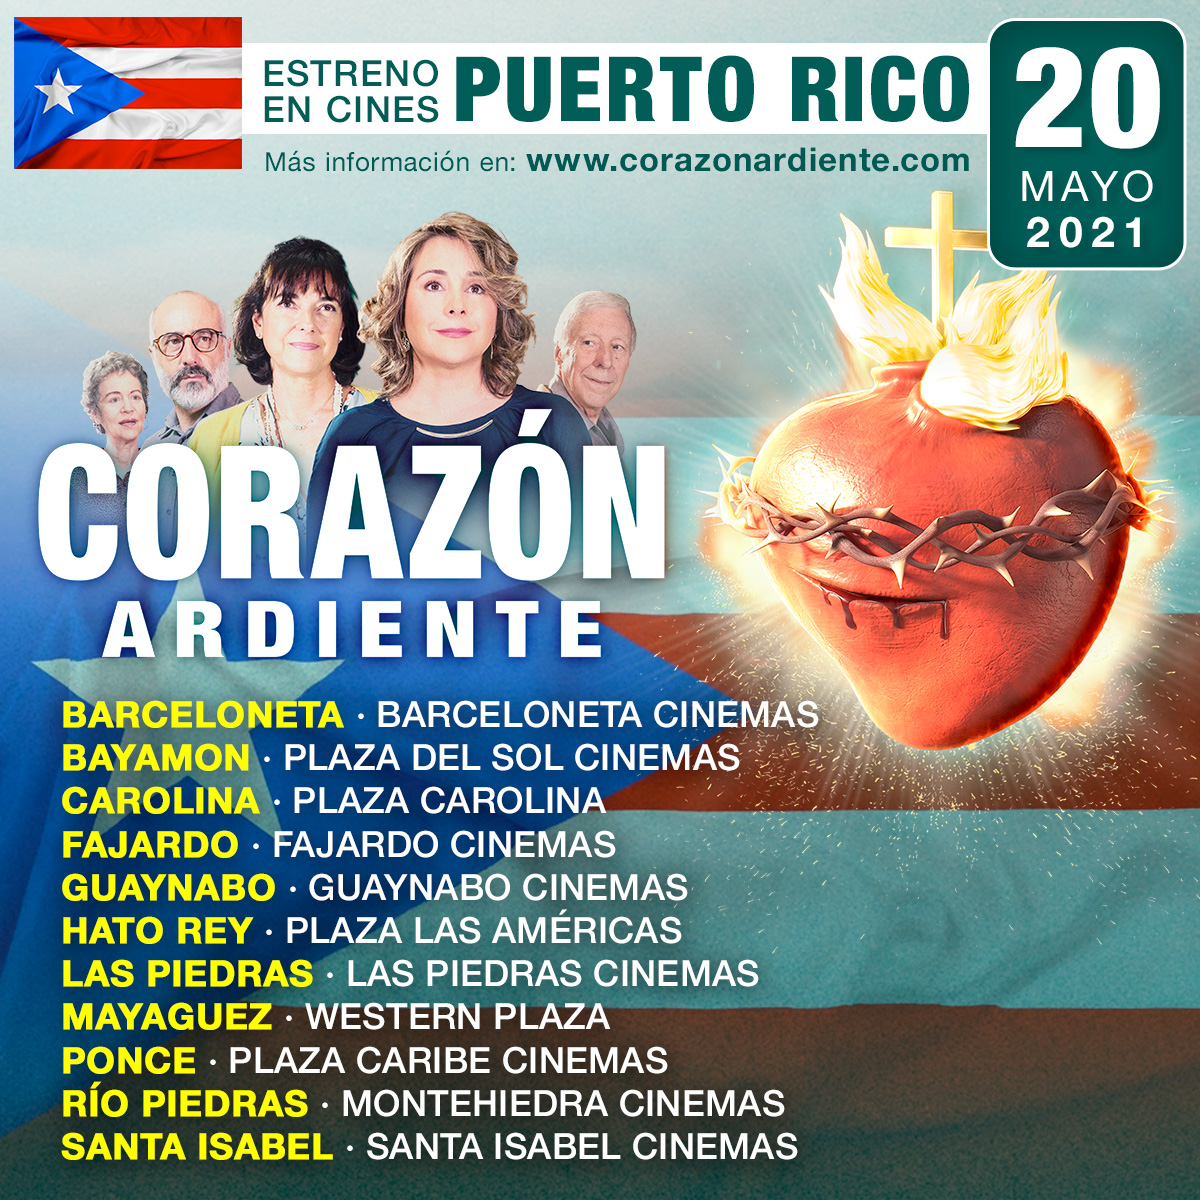 El próximo 20 de mayo se estrenará la película en las mejores salas de Puerto Rico